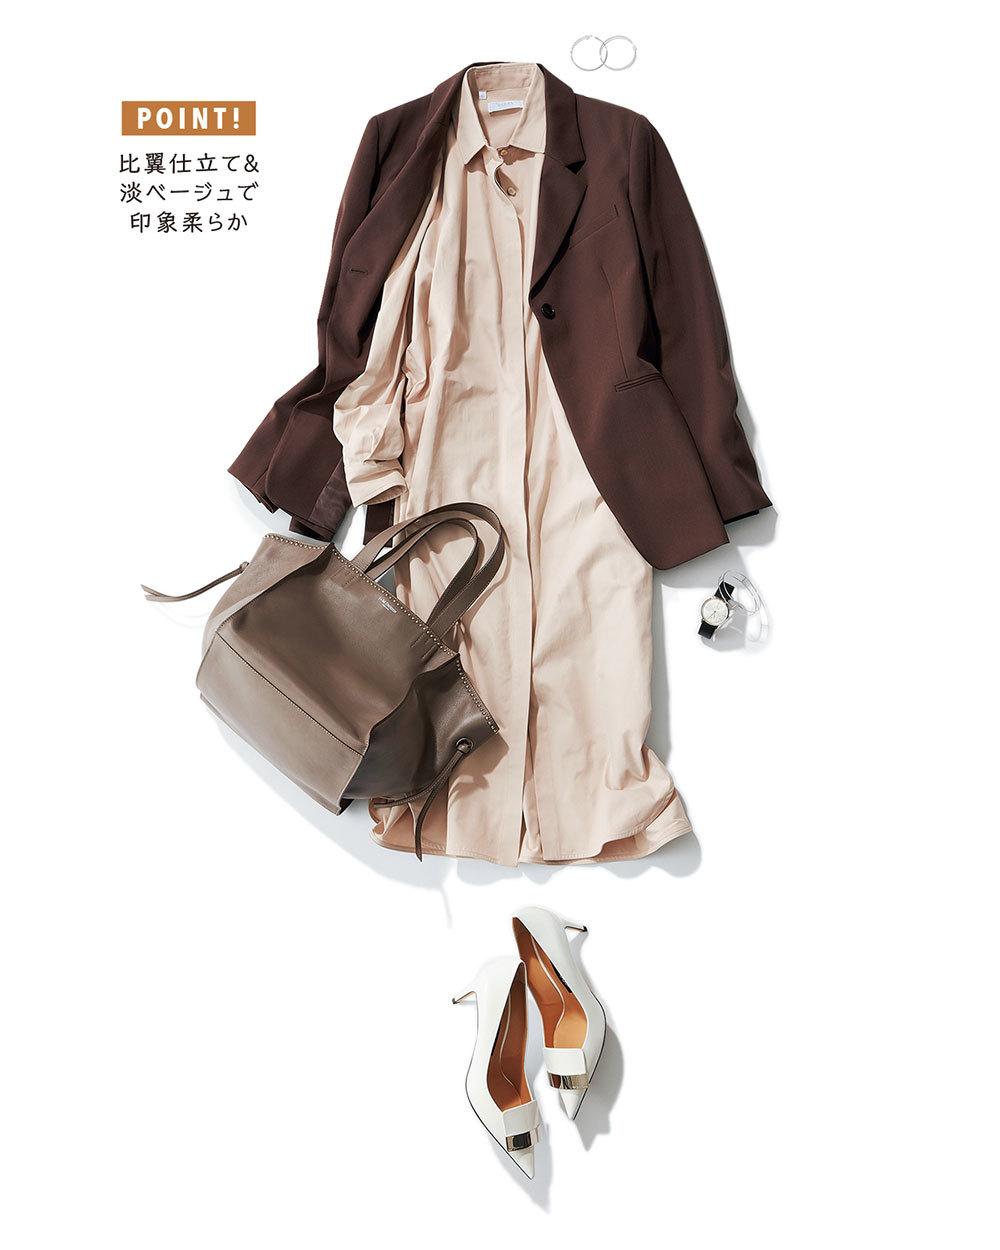 「一枚でサマ見えワンピ」 きちんと見えて女っぽいシャツワンピースはお仕事に最適!_1_1-3